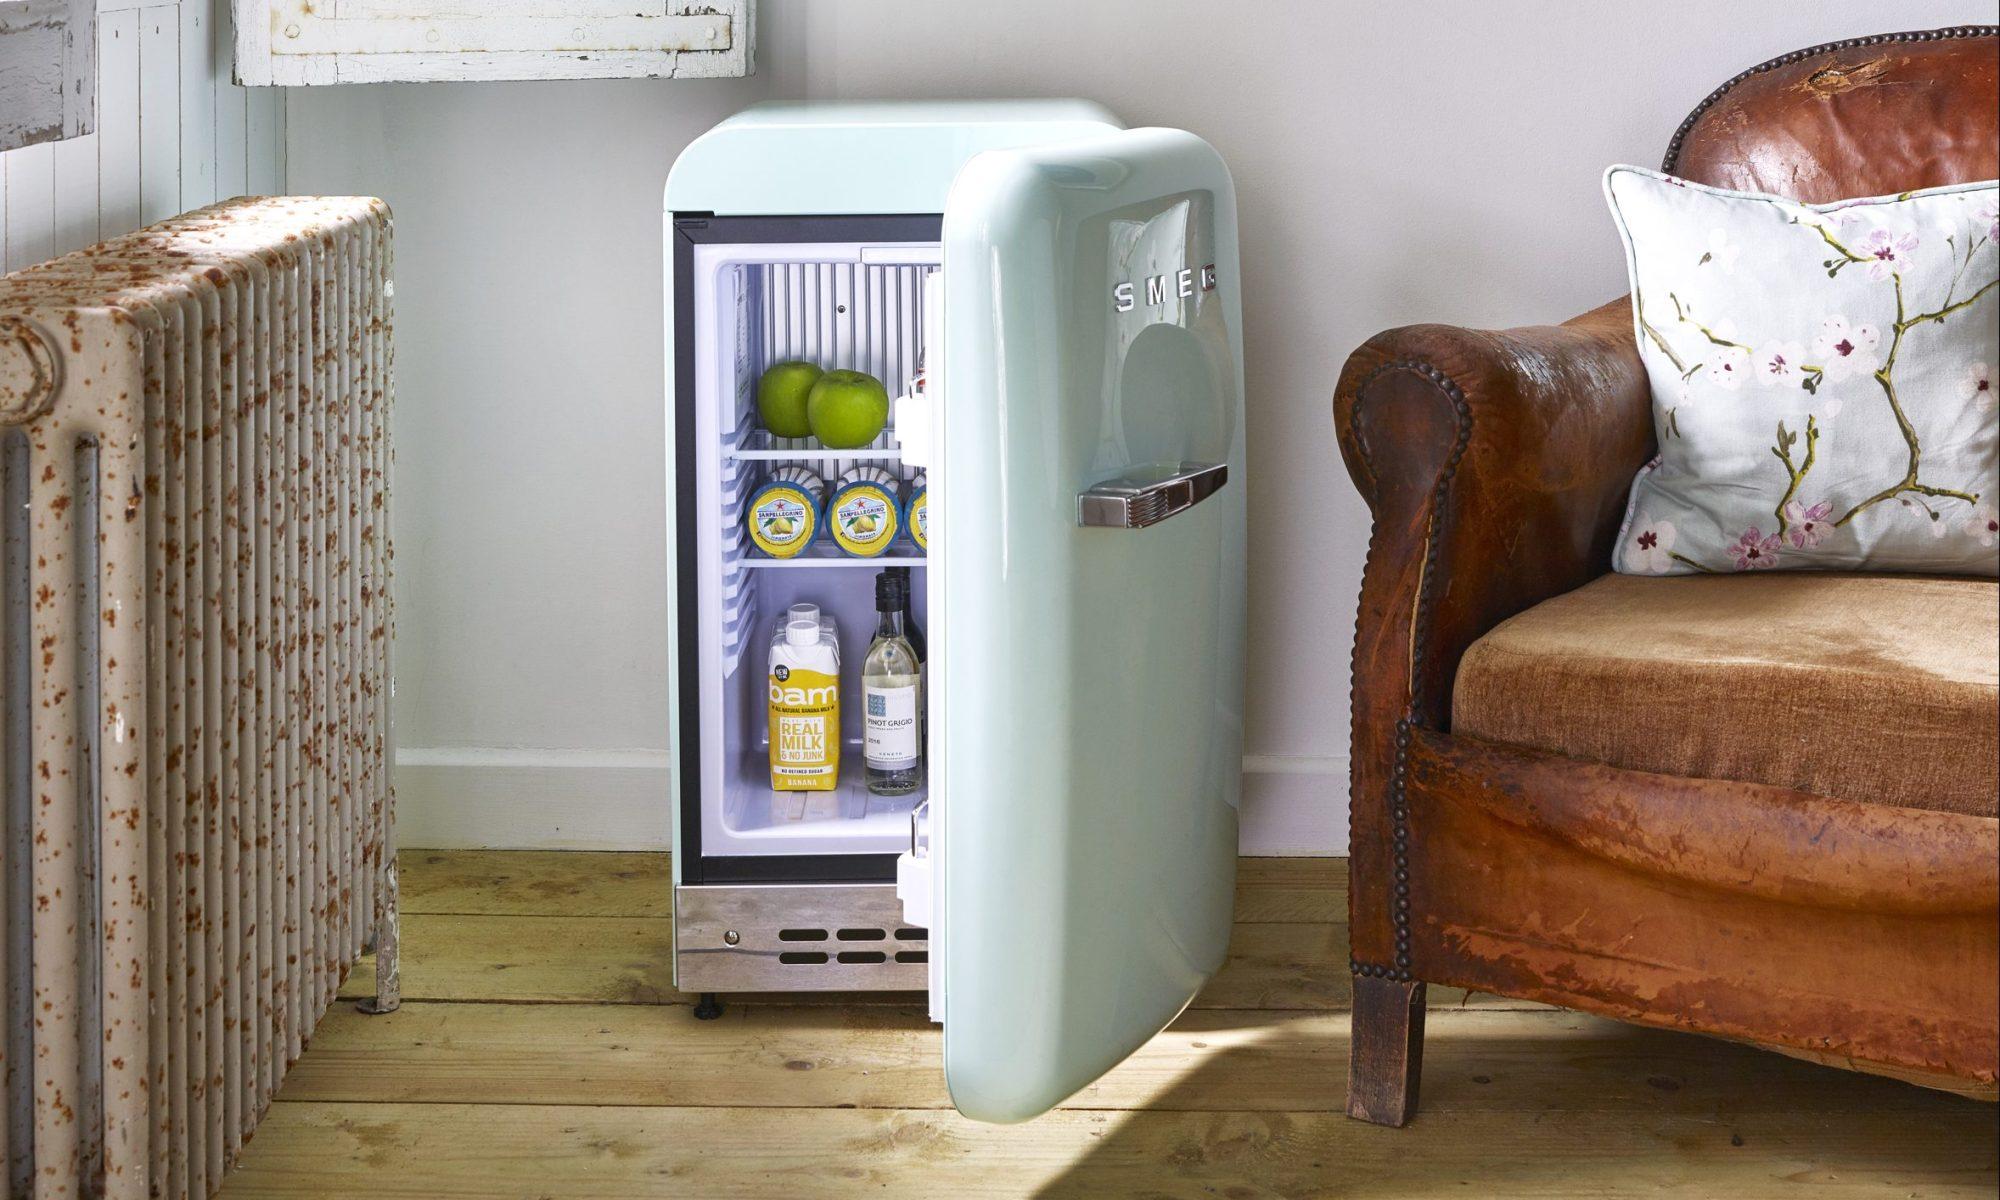 Réfrigérateur FAB5 de Smeg